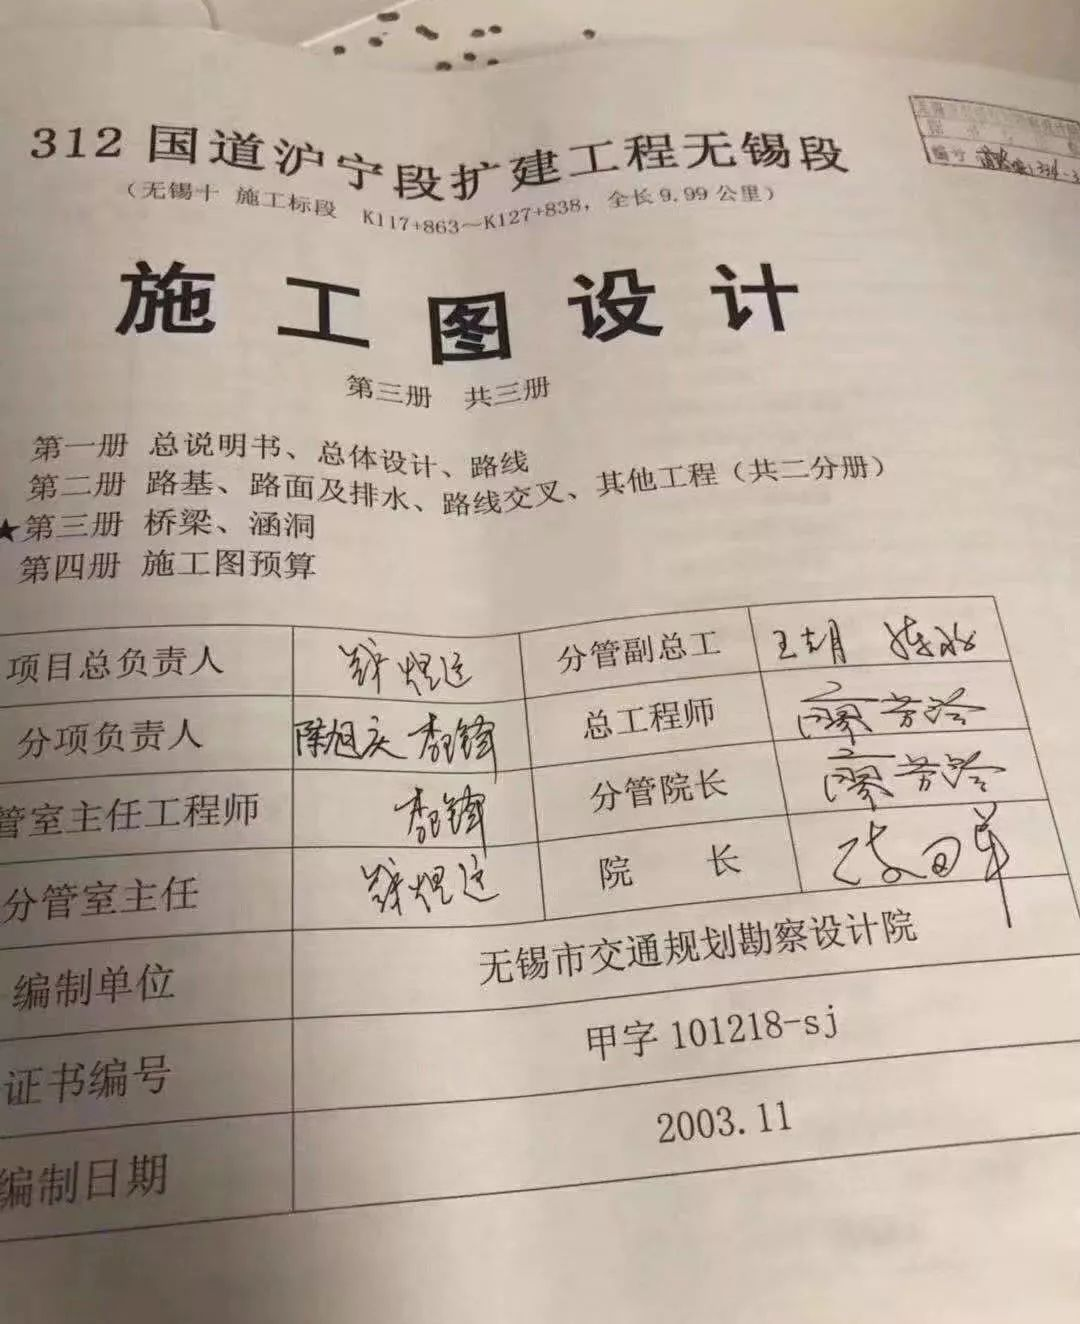 http://www.axxxc.com/chanyejingji/992757.html